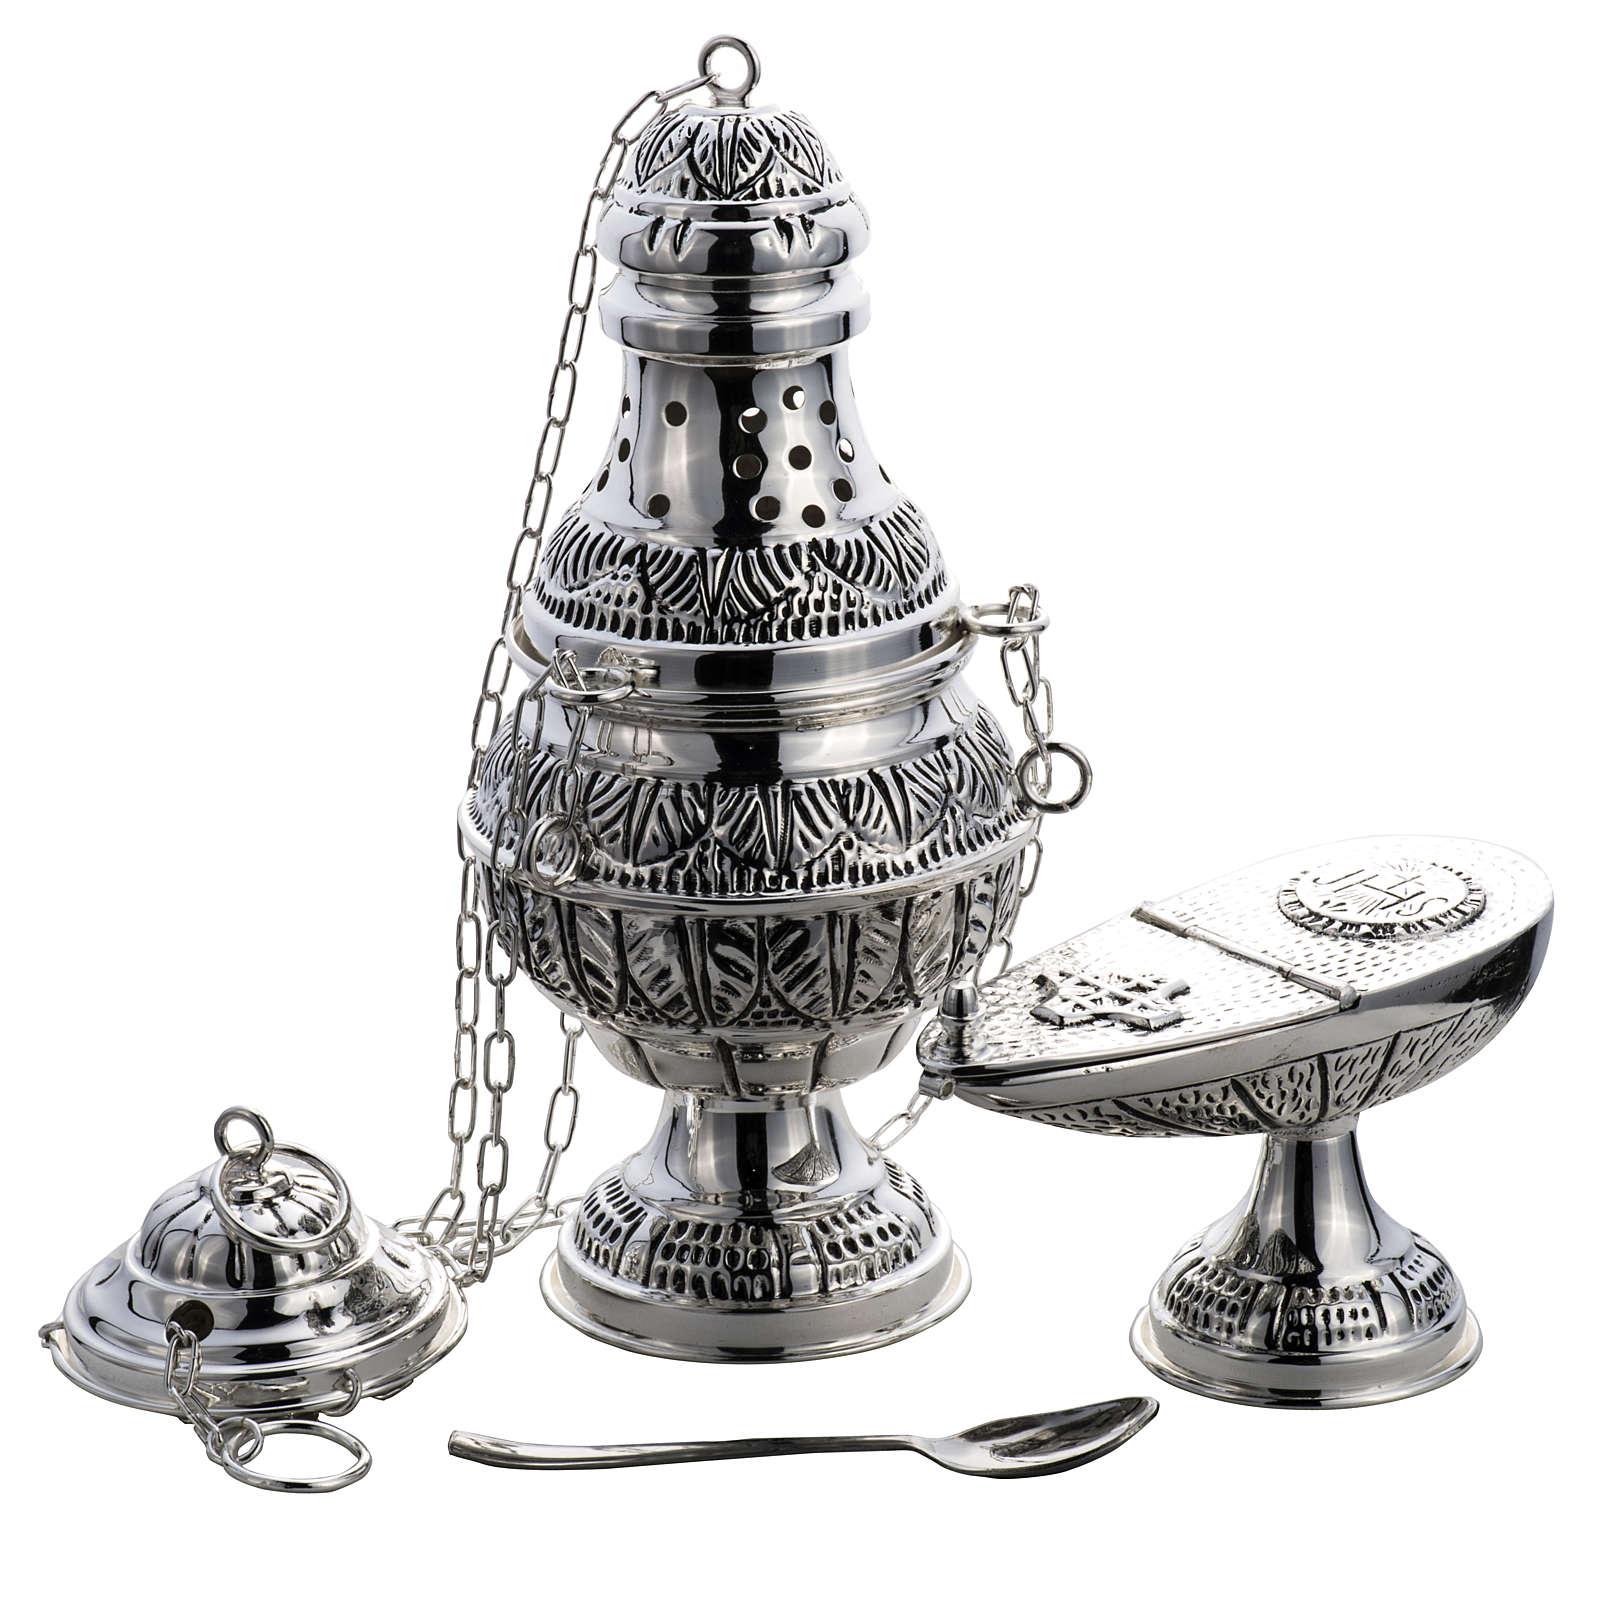 Encensoir et navette ovale laiton fondu ciselé argenté 3